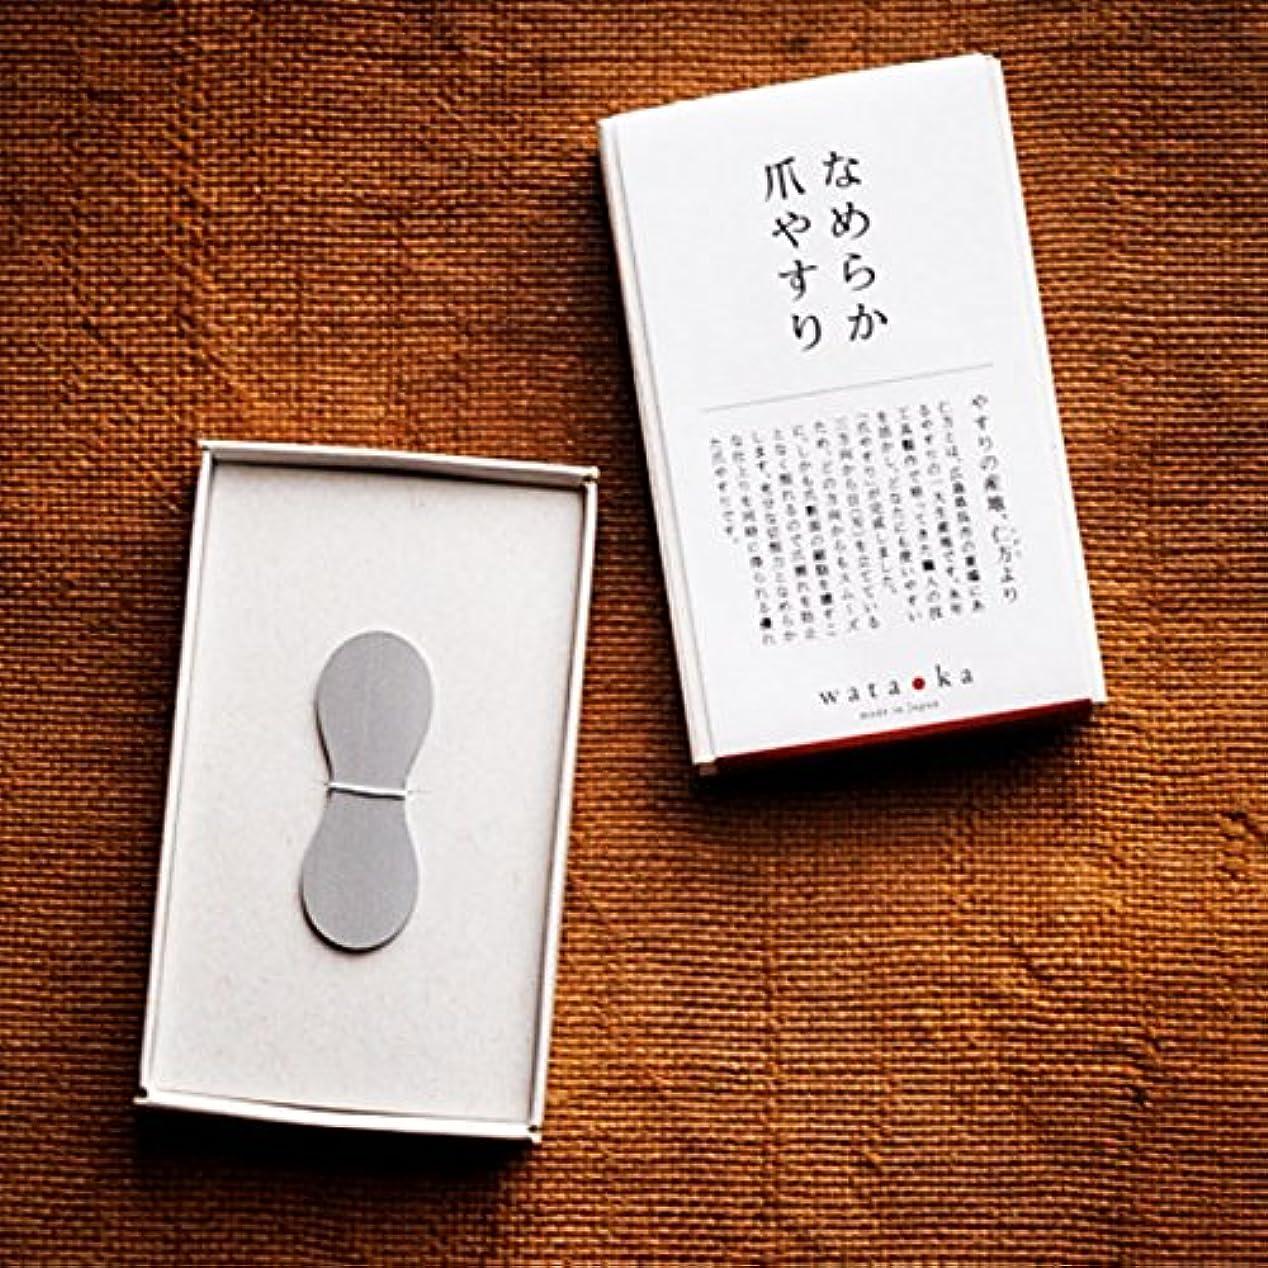 降ろす八百屋さんミンチwataoka 鑢のワタオカ 爪やすり (専用パッケージ入り)